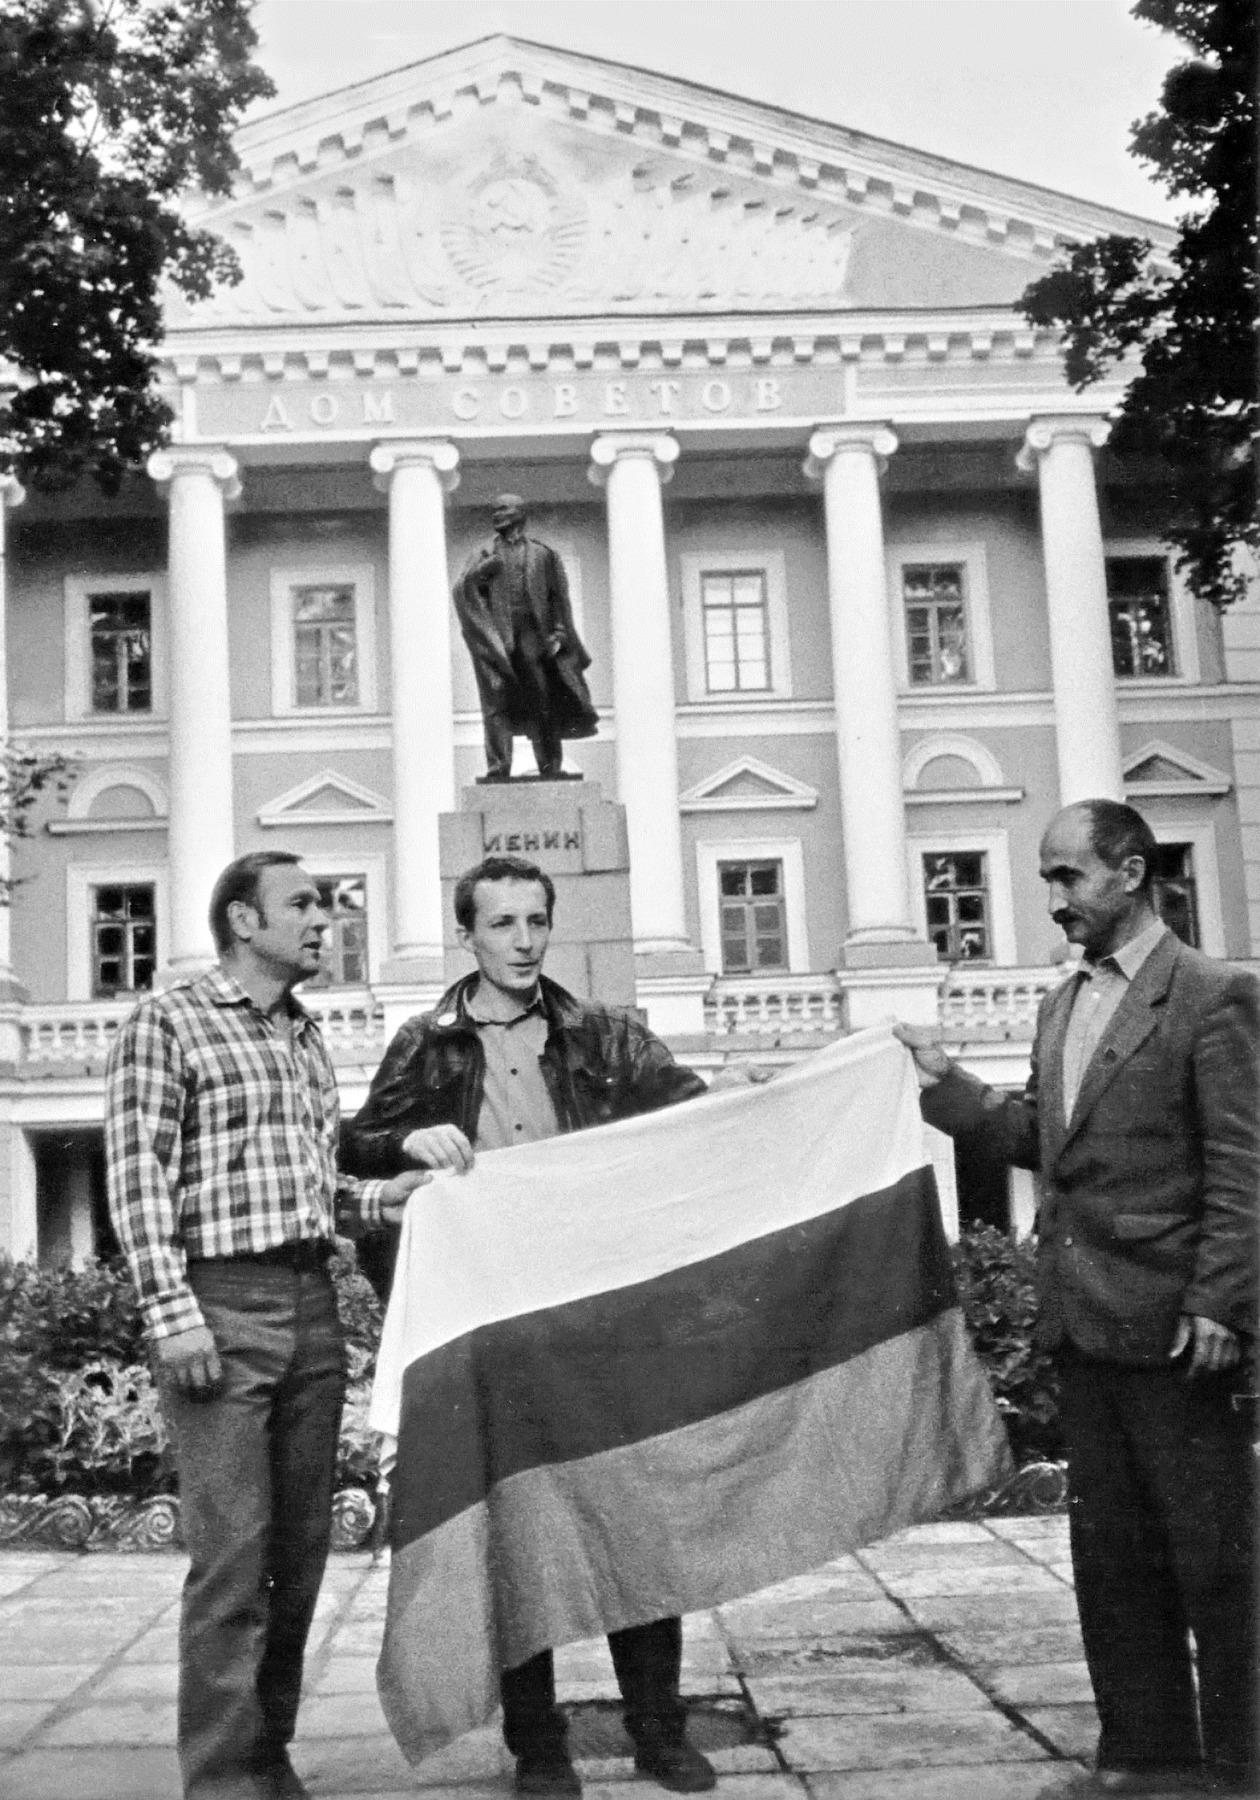 Псков, 24 августа 1991 года. Первый российский триколор, поднятый над зданием Дома Советов. Опубликовано в «Псковской губернии» 23.08.2006.